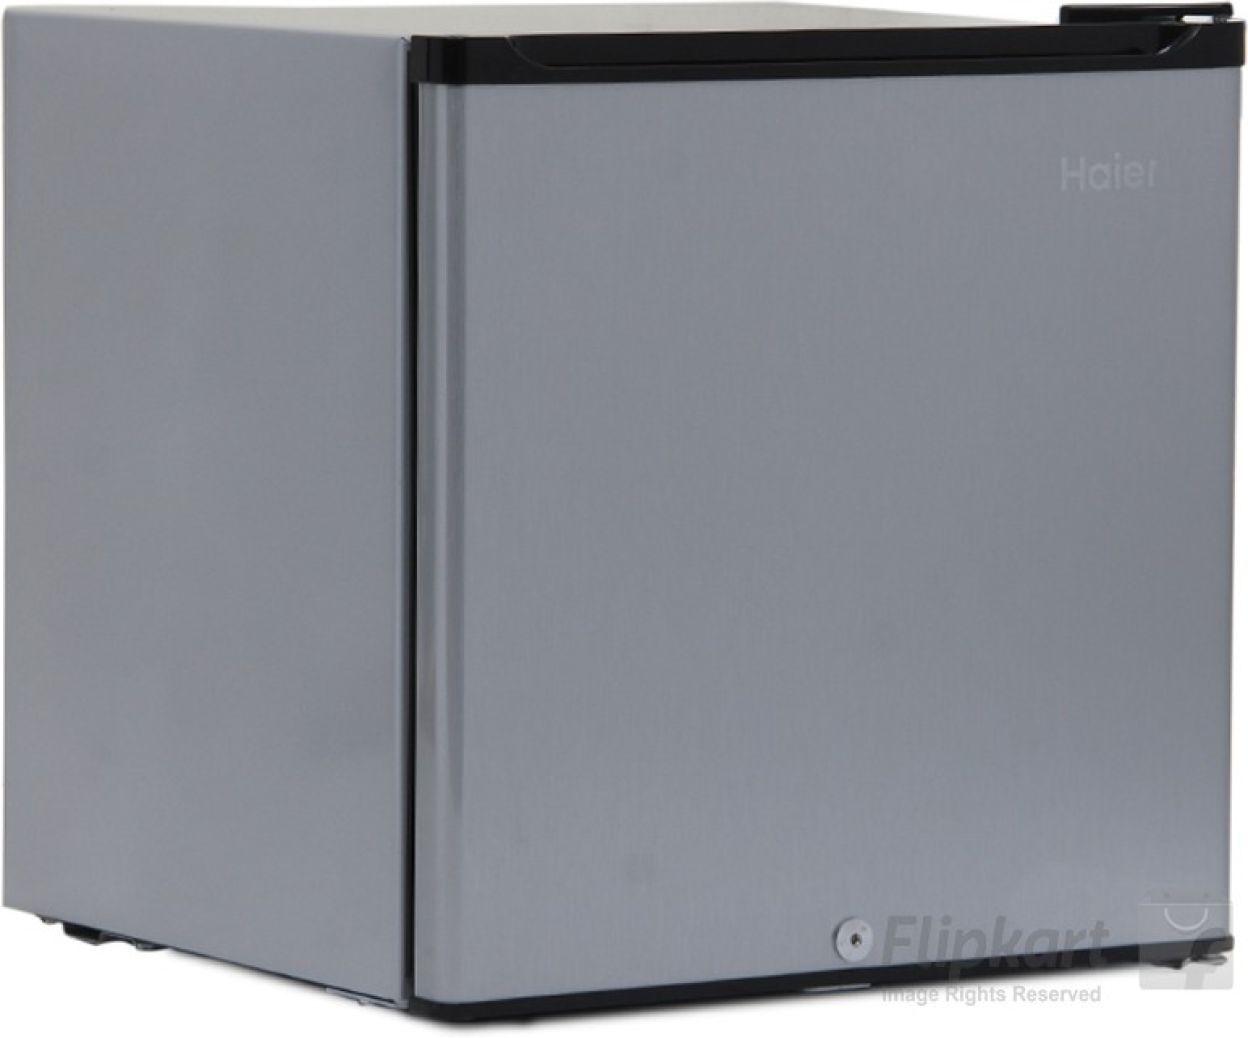 Haier HR-62HP/HR-62VS 62 L 3 Star Single Door Mini Refrigerator